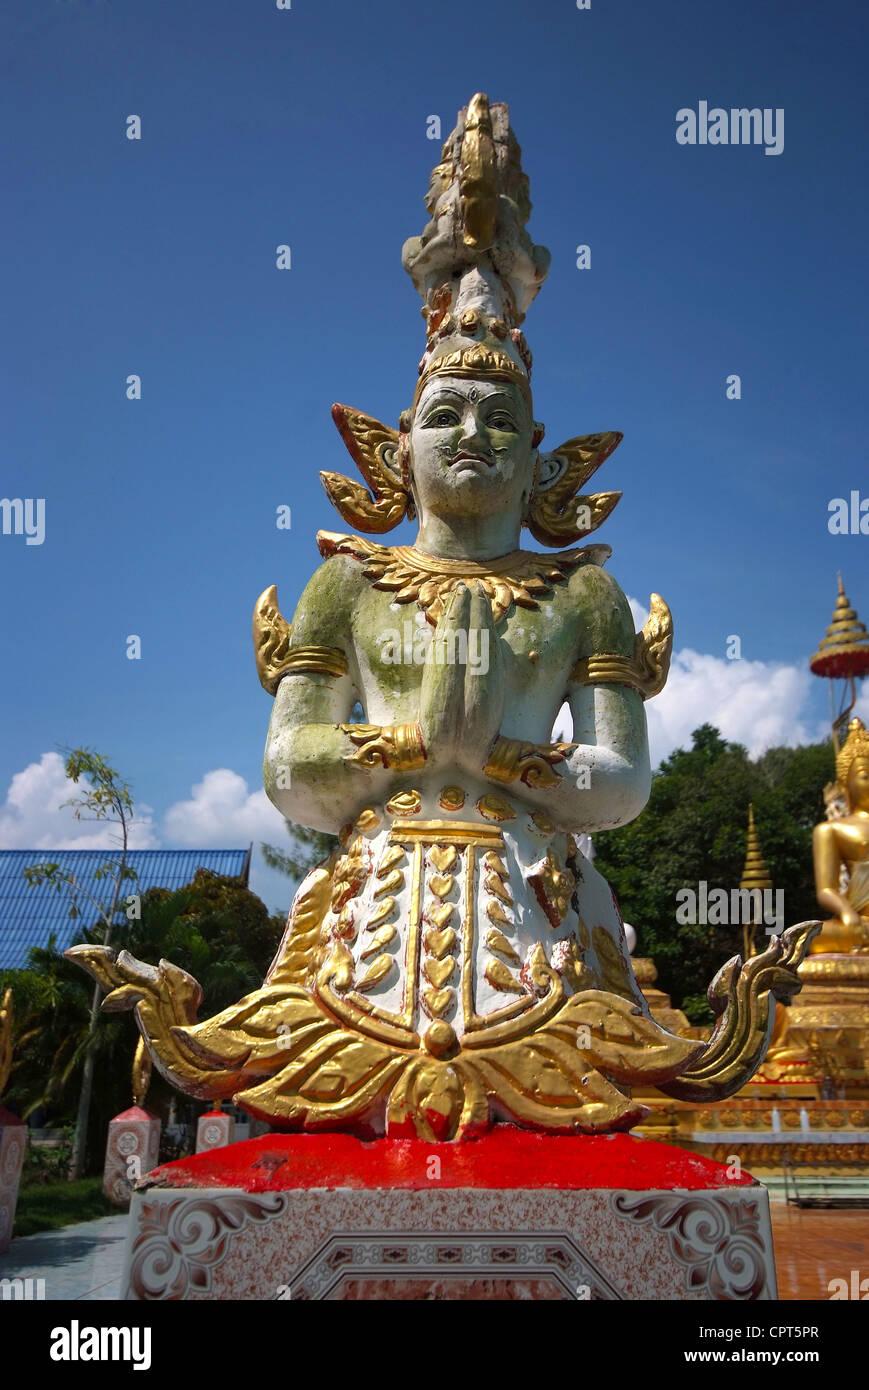 Ángel estatua en el templo en Tailandia Foto de stock